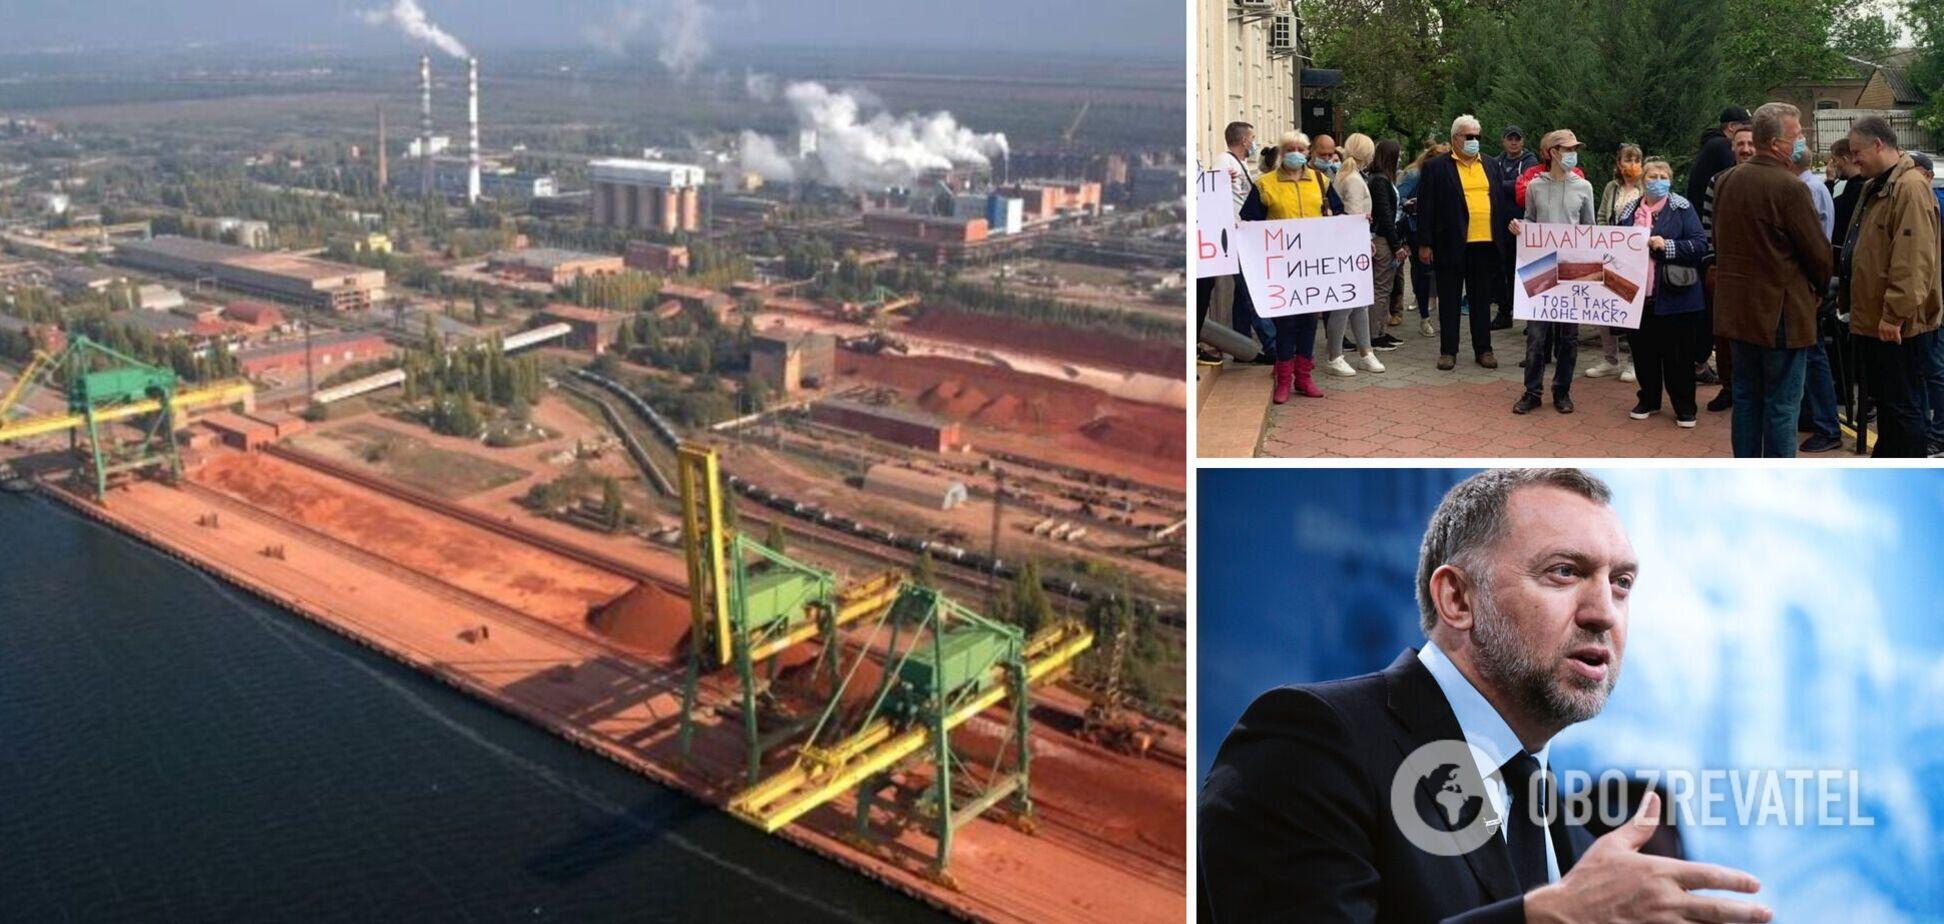 В Украине уже год длится скандал сНиколаевскимглиноземнымзаводом из-за 'экоактивистов', Дерипаски и США